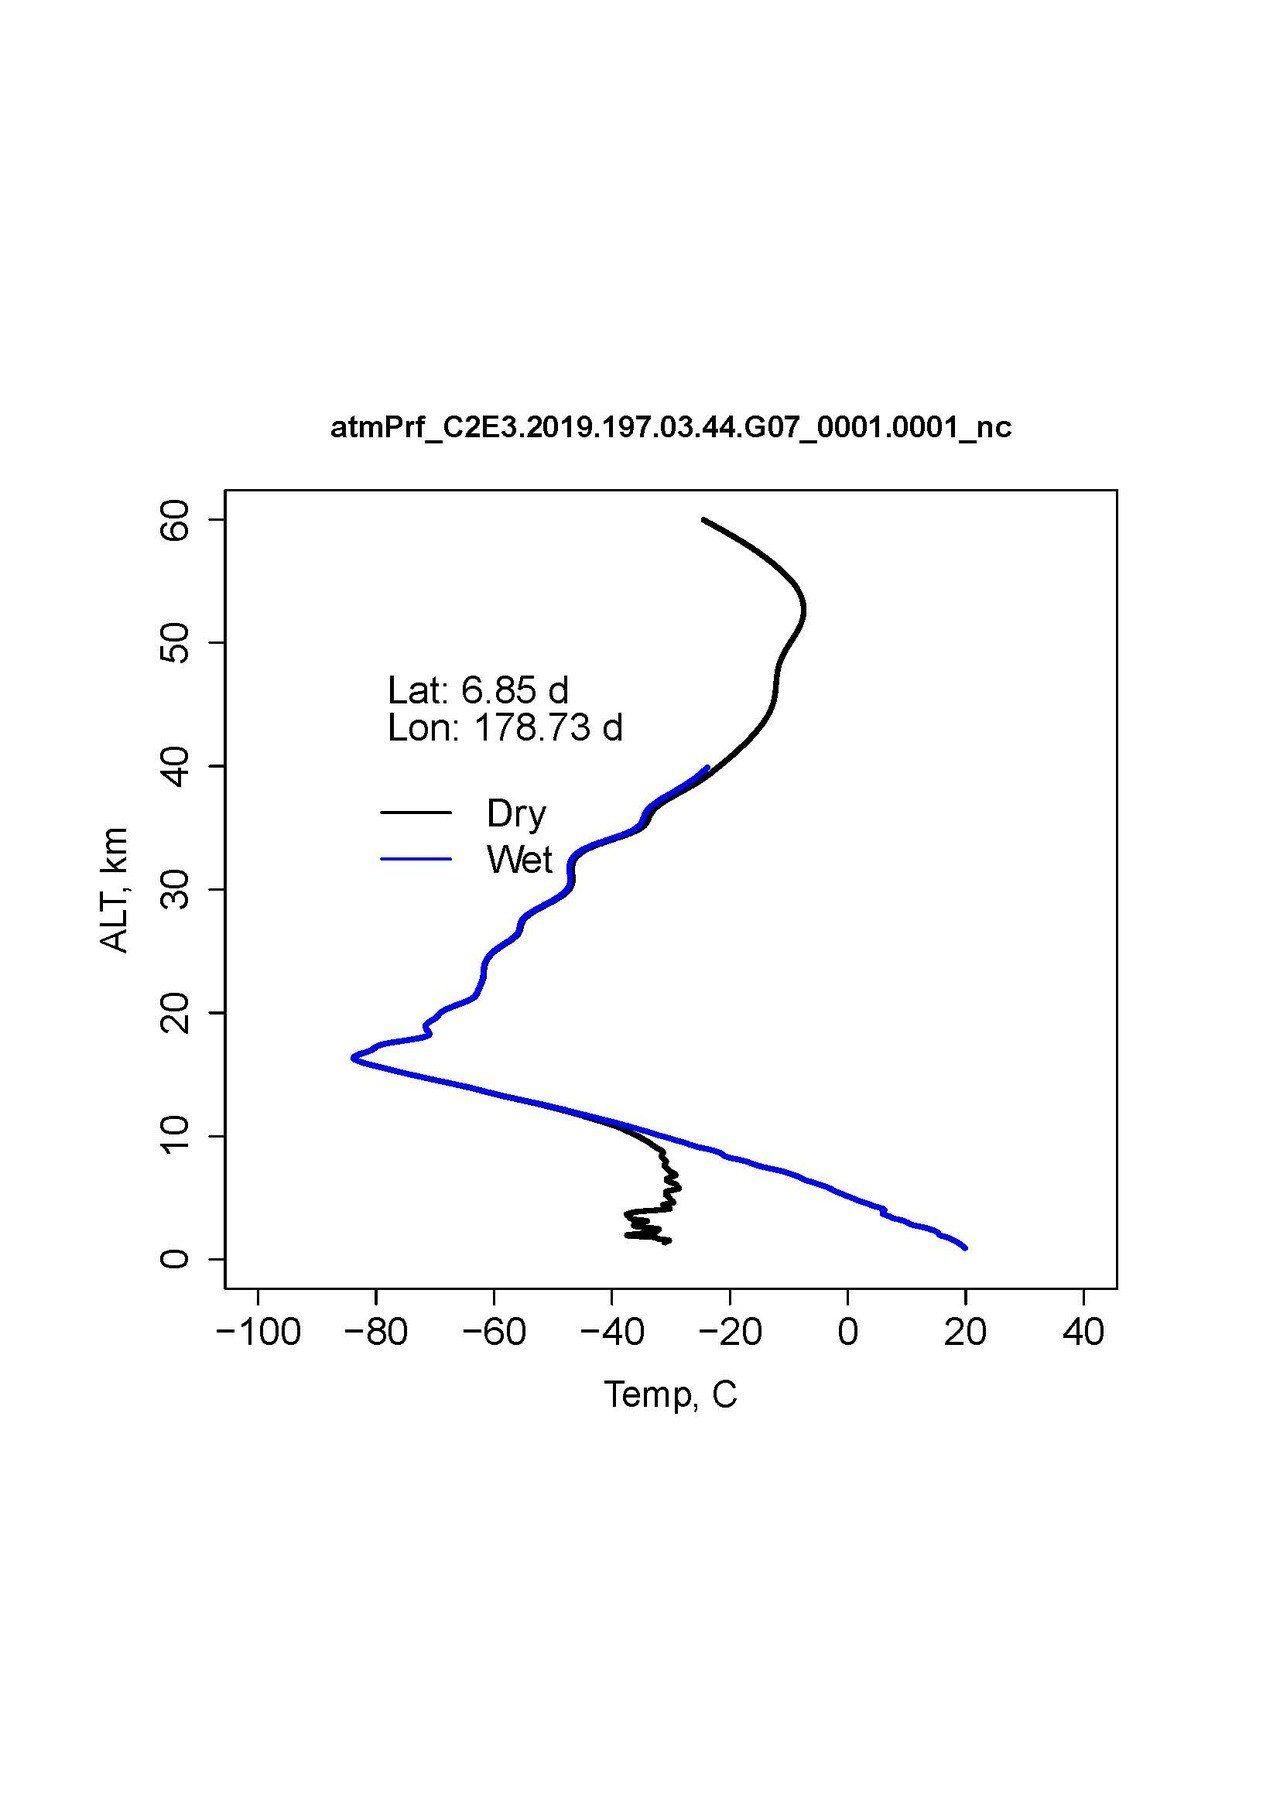 福七觀測到的第一筆氣象數據:大氣乾溫度(忽略水氣Dry)剖線和溫度(Wet)剖線...